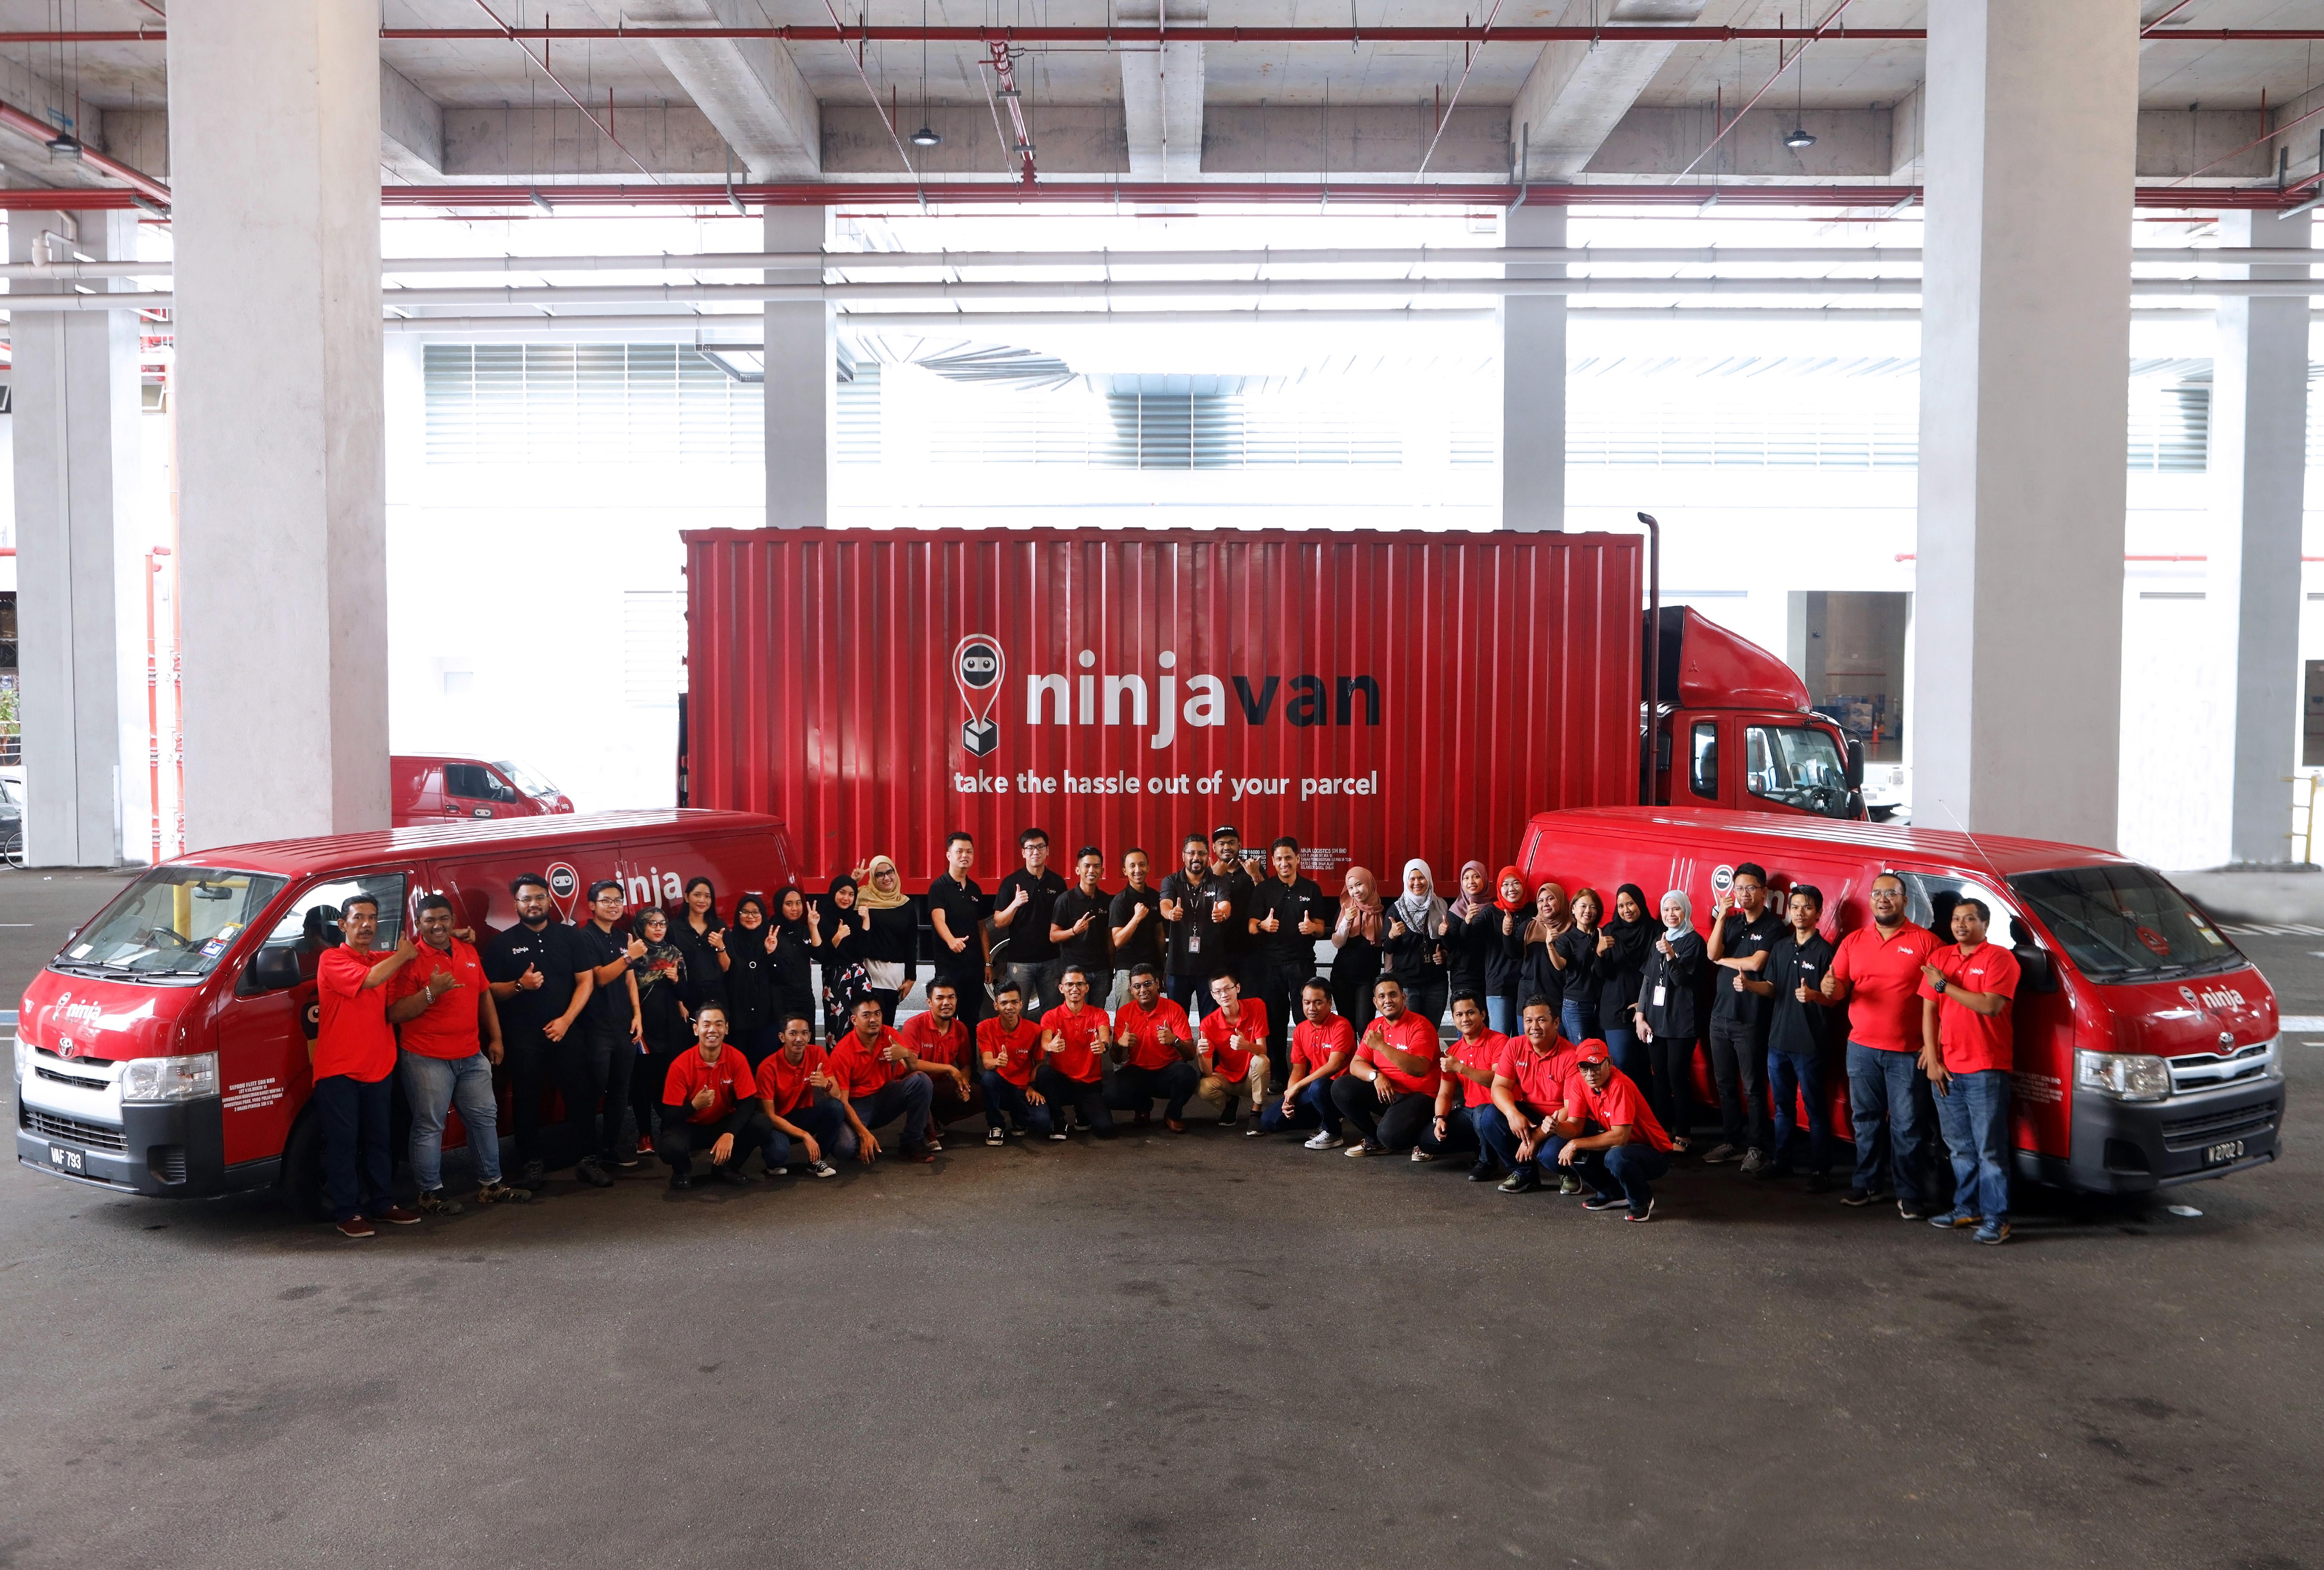 Ninja Van team